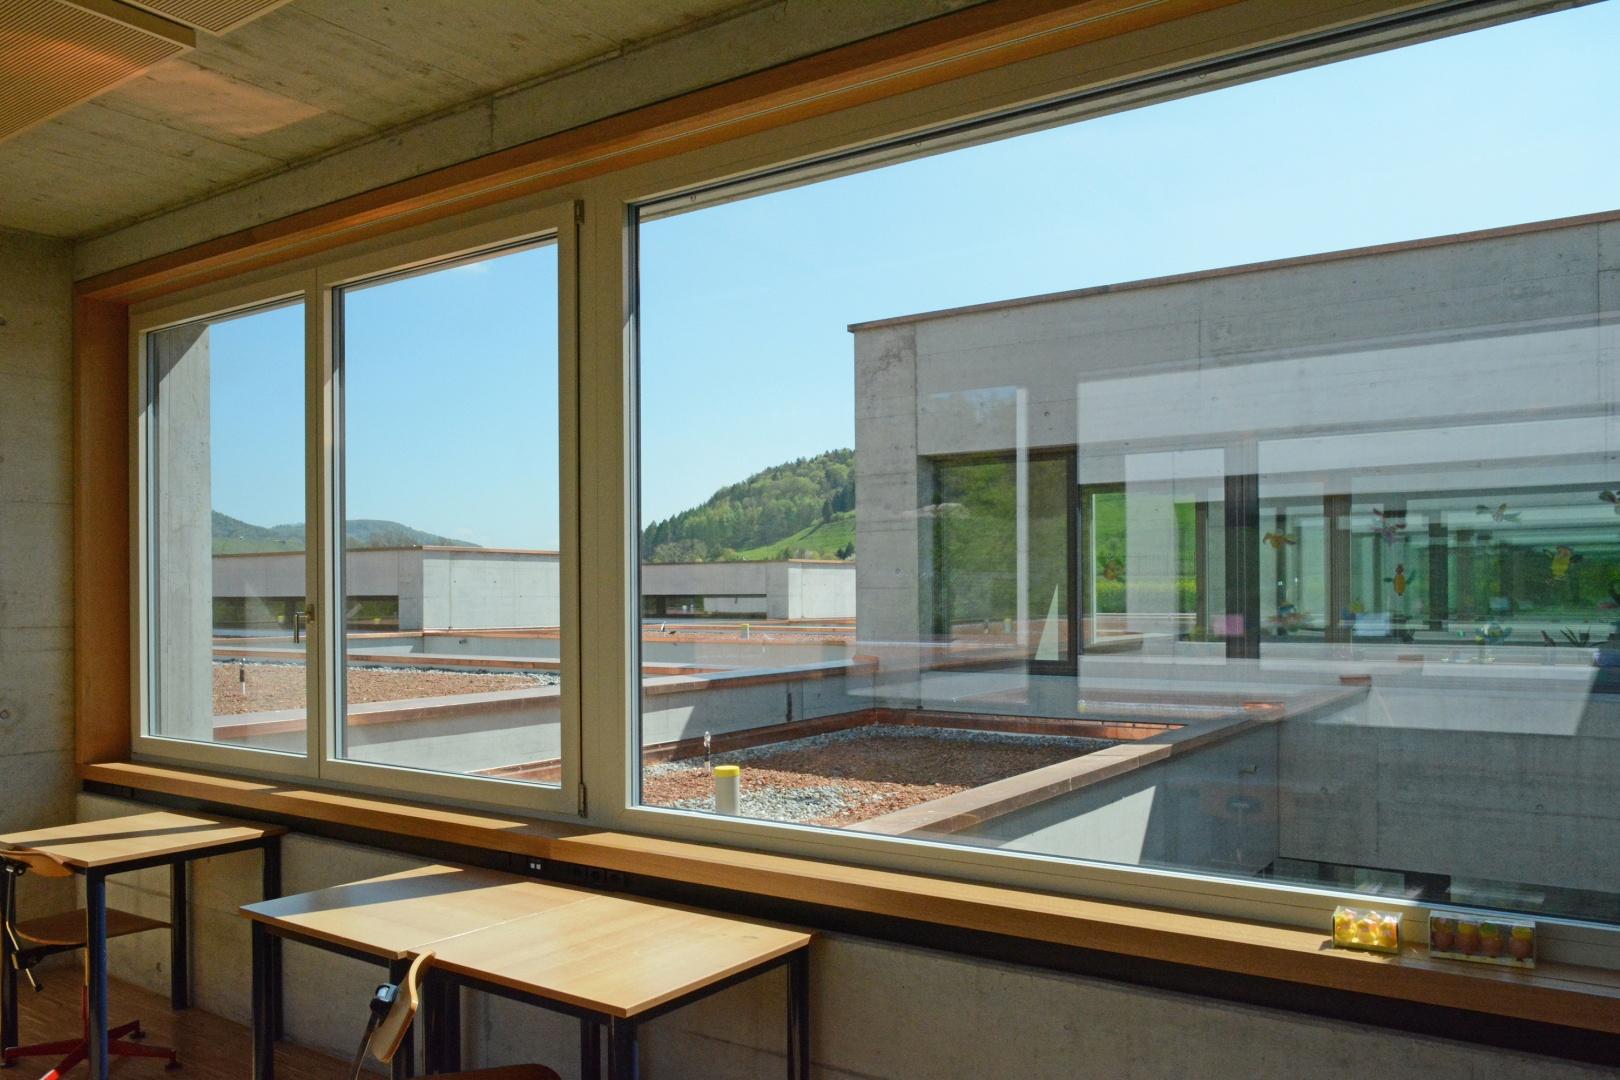 Blick aus den Gruppenräumen © Hopf & Wirth Architekten, Rychenbergstrasse 2,  8400 Winterthur